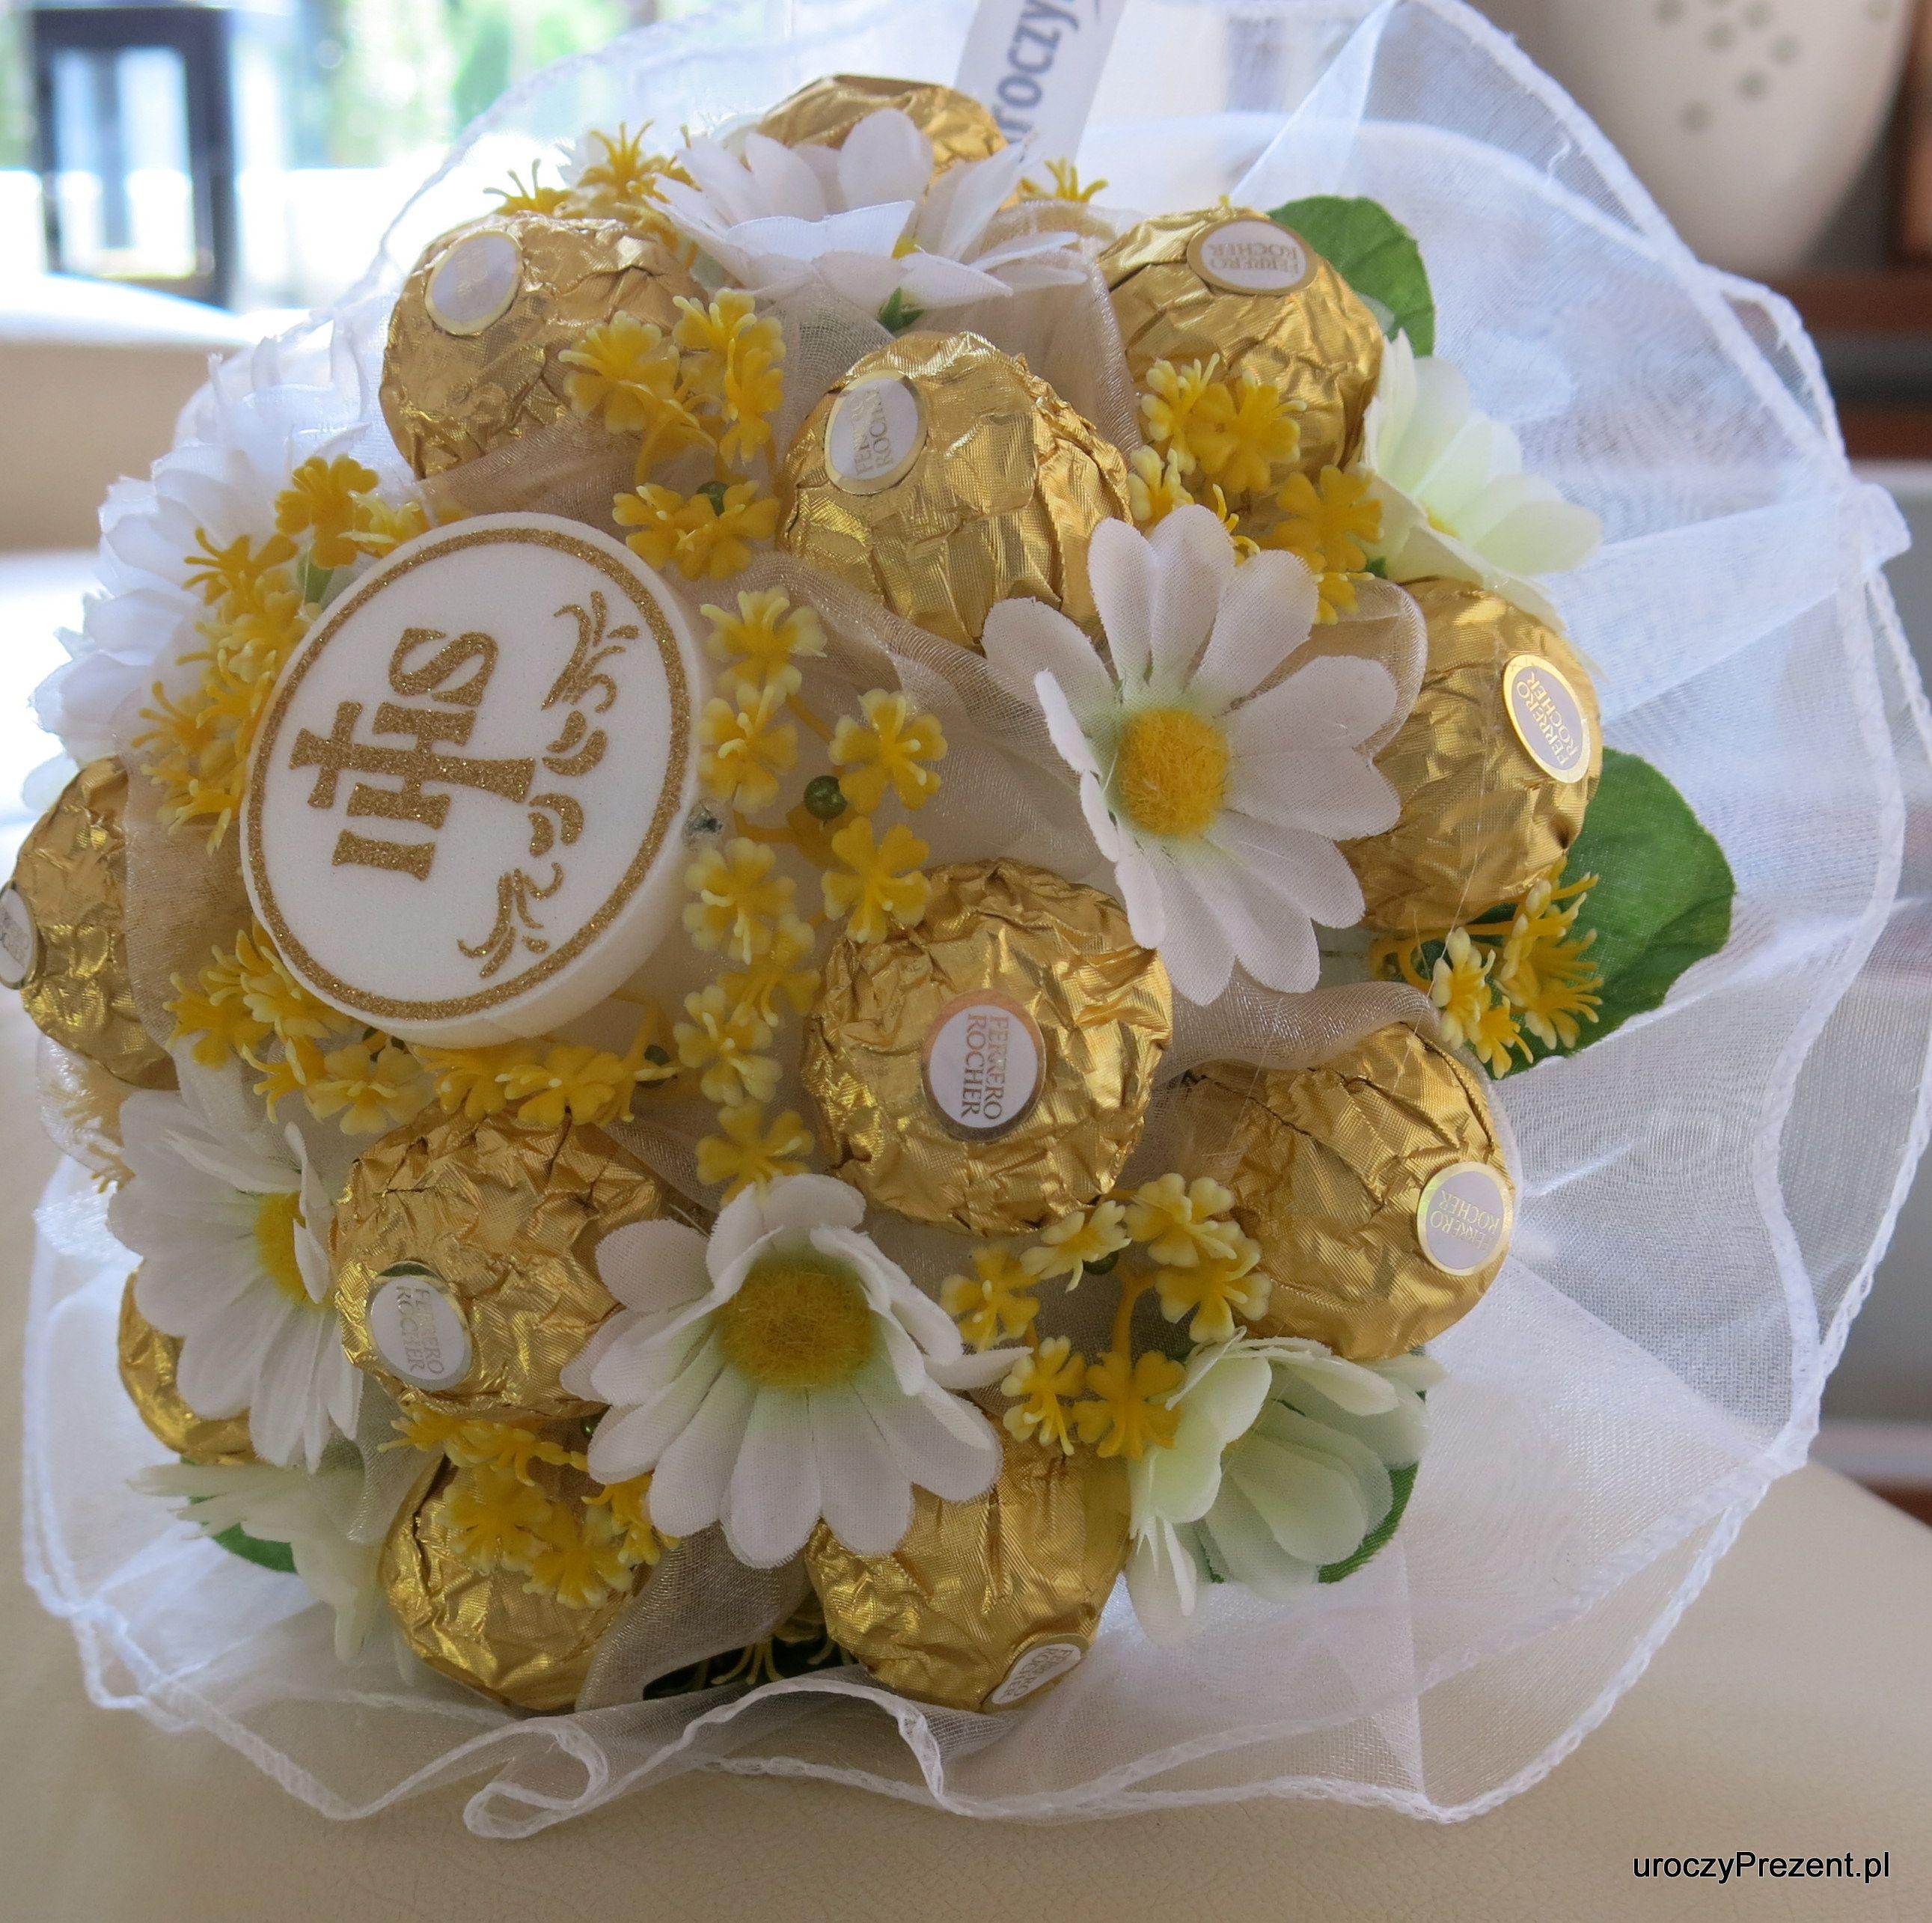 Bukiet Z Cukierkow Na I Sza Komunie Sw Www Uroczyprezent Pl Sweet Bouquet Diy And Crafts Crafts